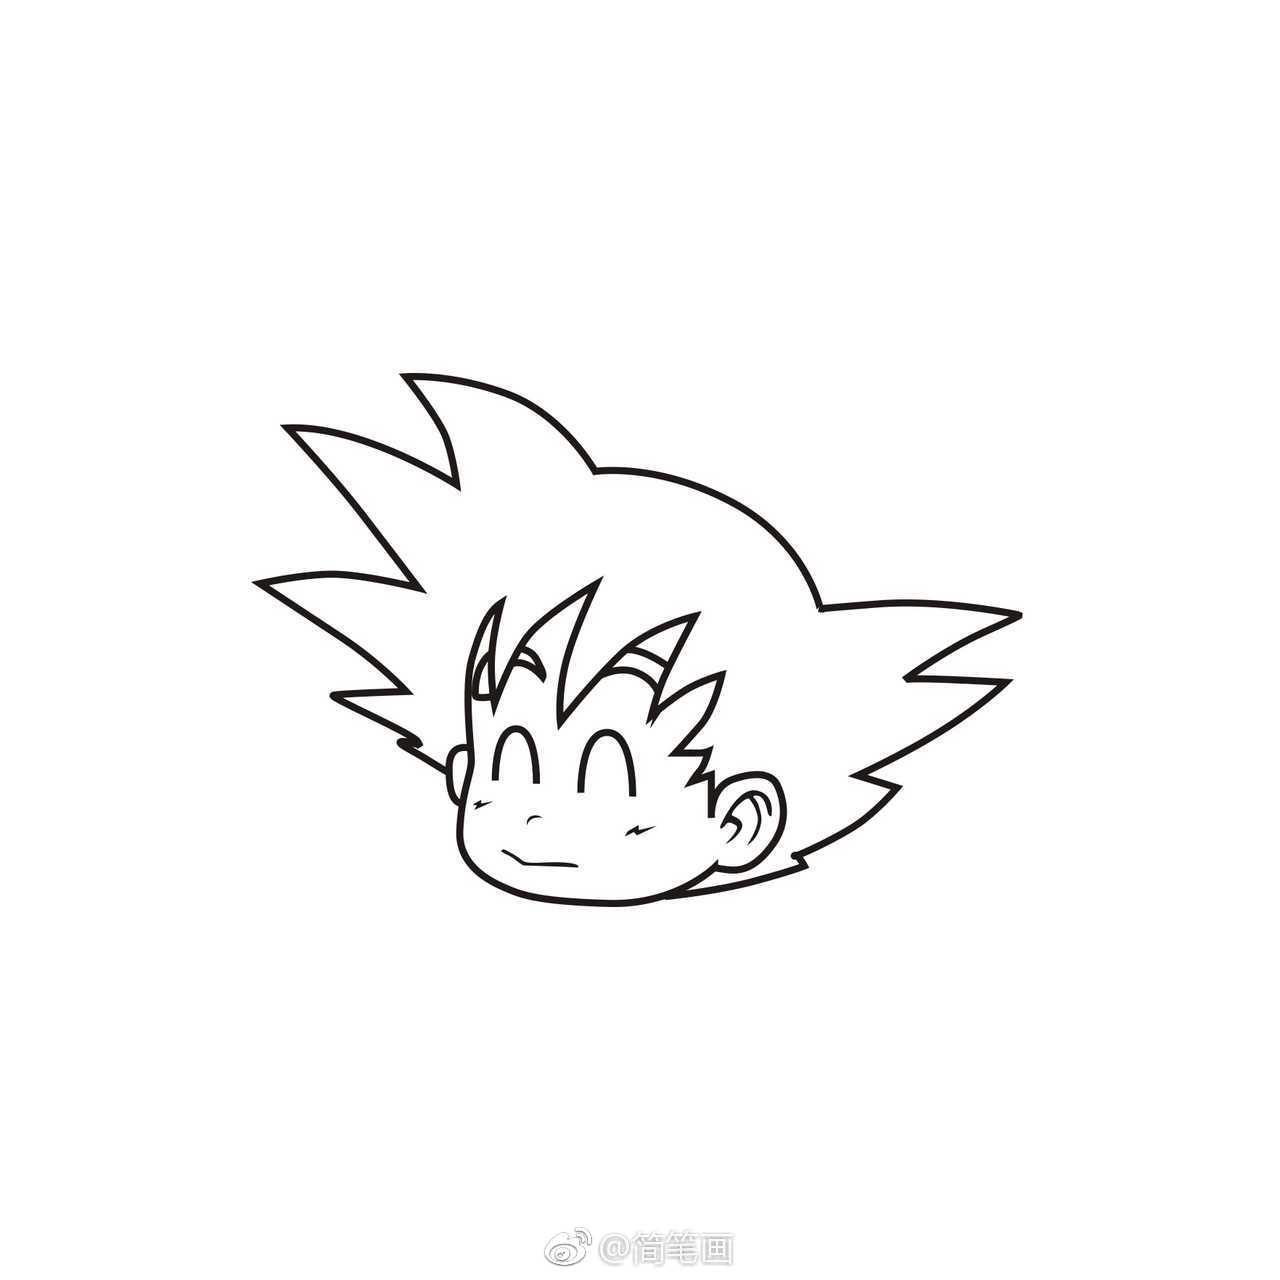 萌萌哒的小悟空简笔画步骤图(投稿:@空想画师 )